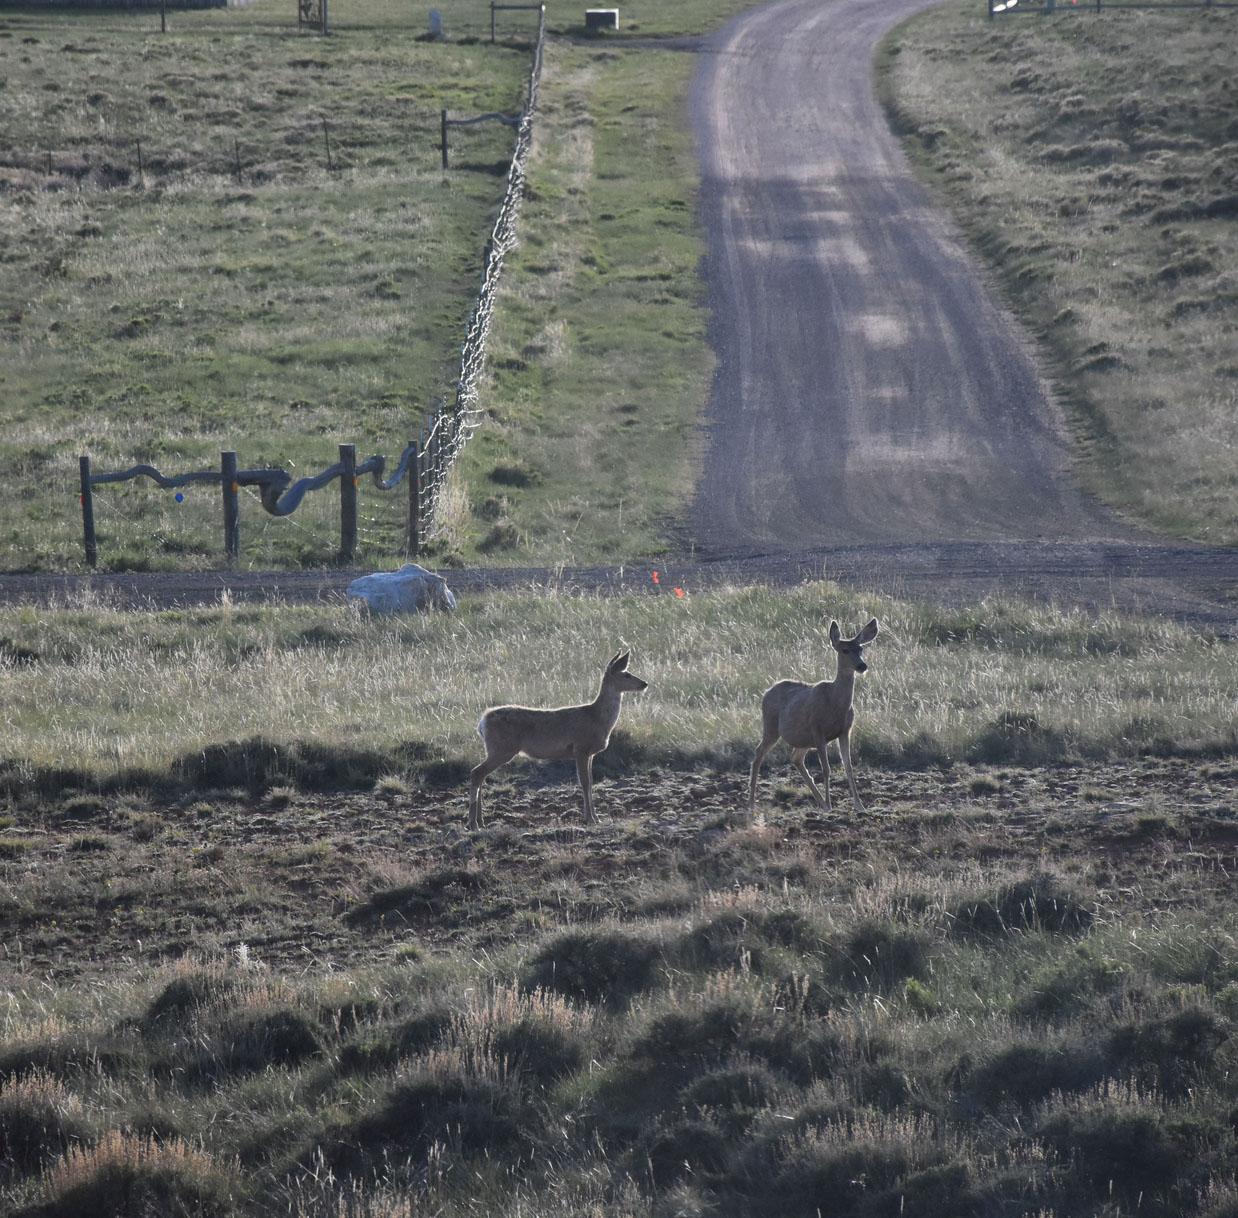 mule deer in front of road